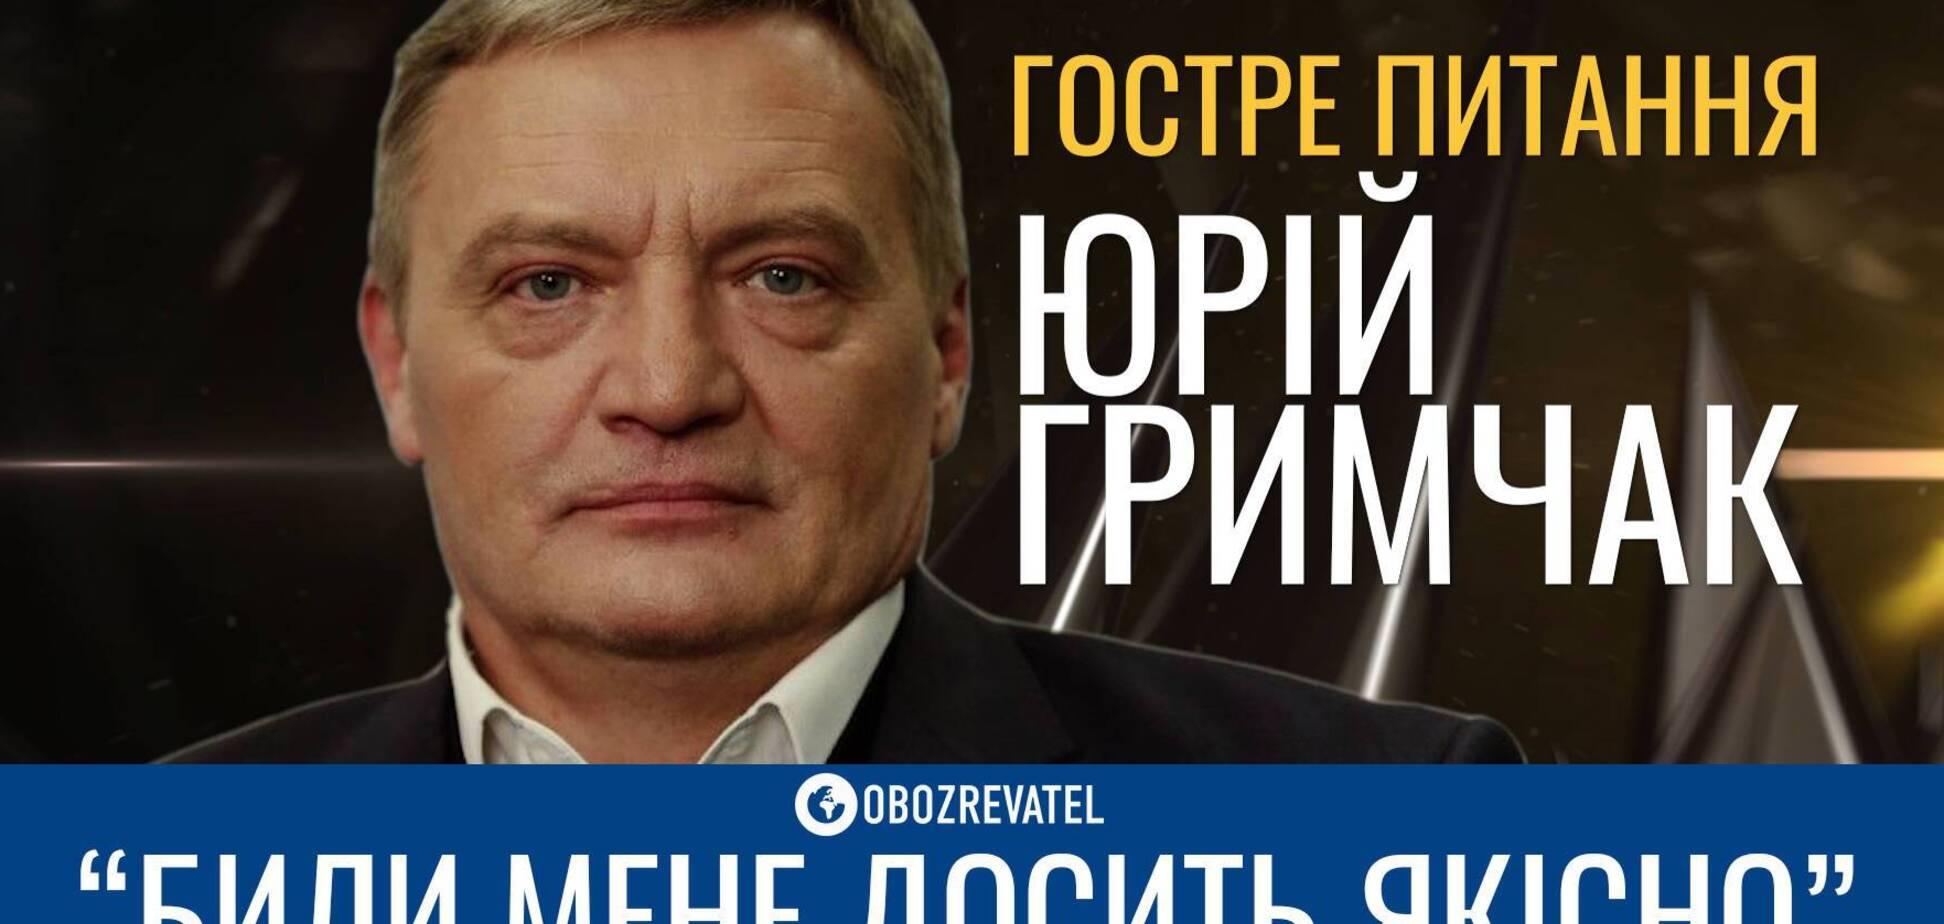 Юрій Гримчак | Гостре питання